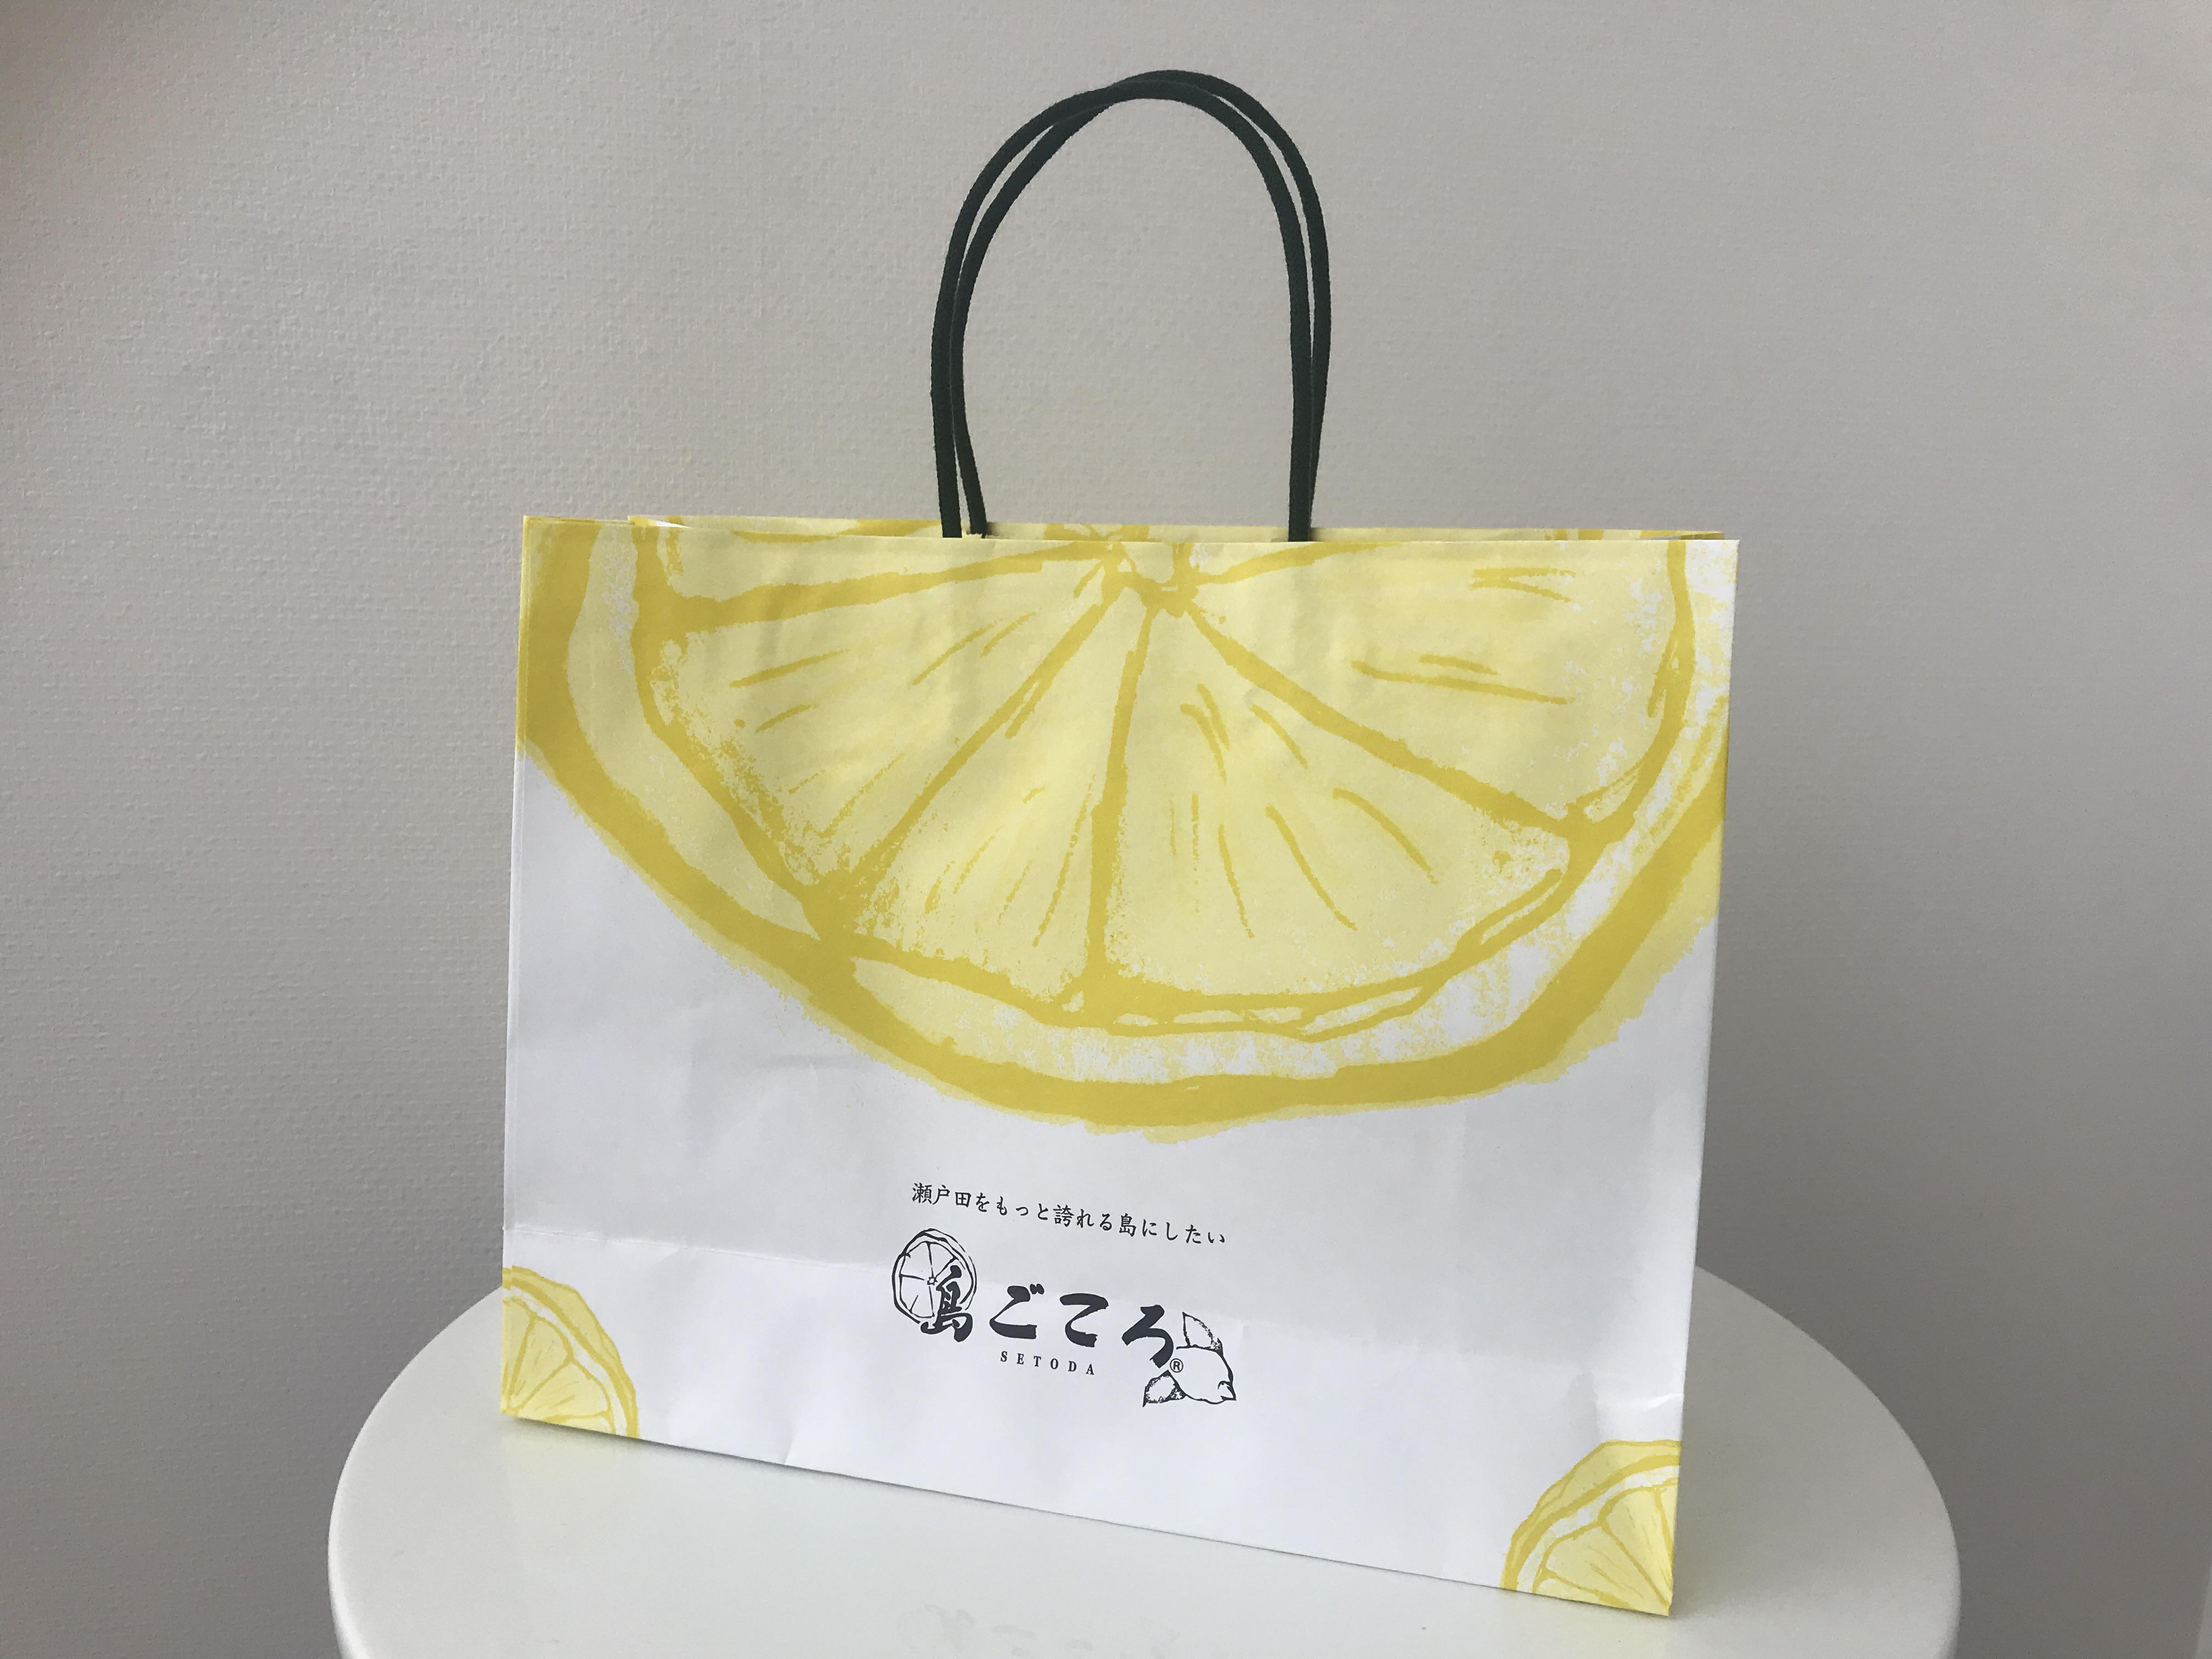 【大】島ごころオリジナル紙袋*コンパクト便商品への添付不可*